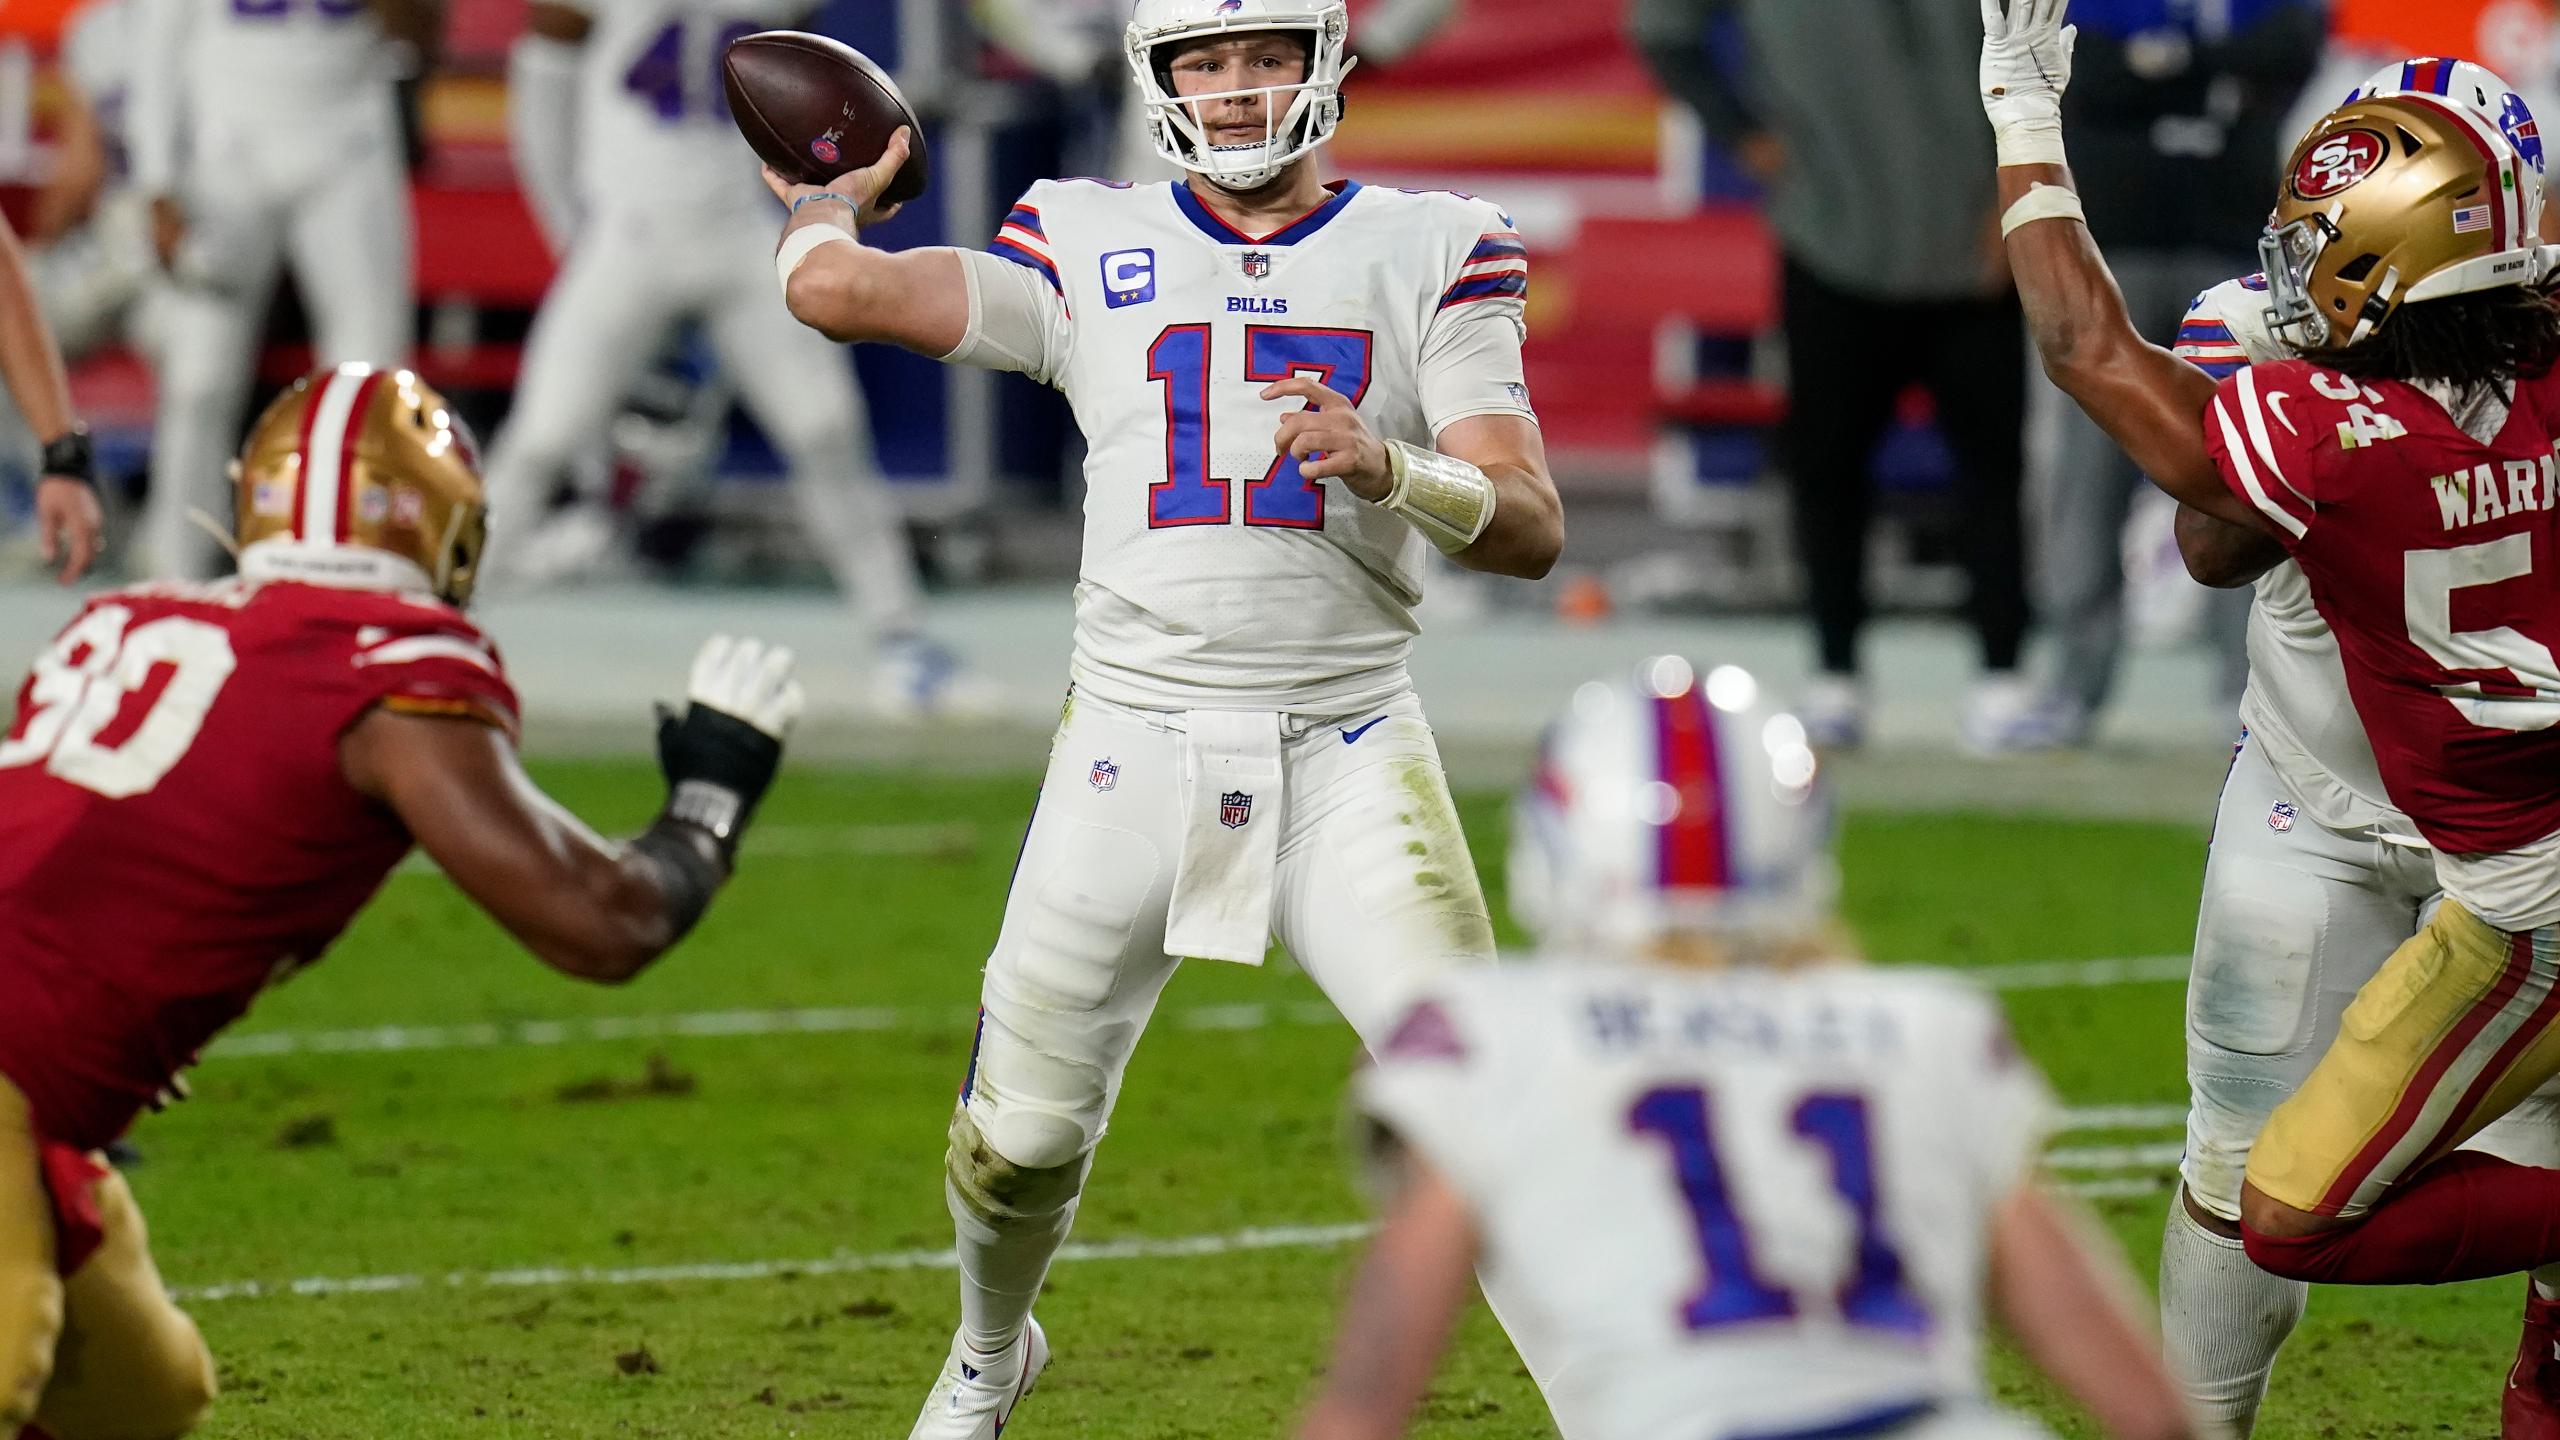 Bills quarterback Josh Allen speelde wederom een ijzersterk duel